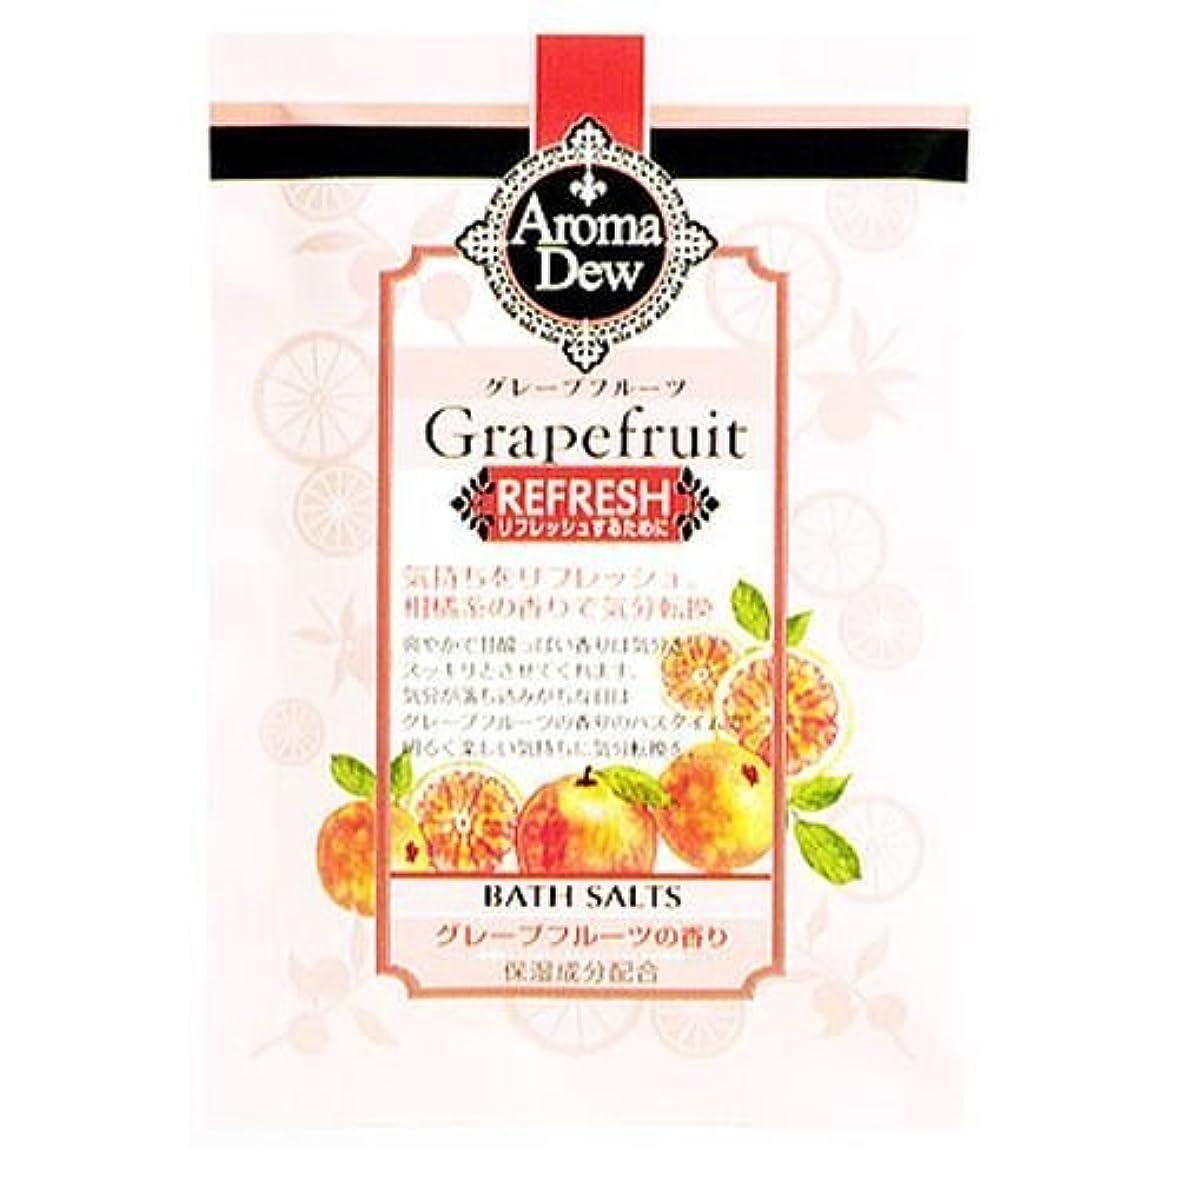 ペナルティパトロール道クロバーコーポレーション アロマデュウ バスソルト グレープフルーツの香り グレープフルーツ